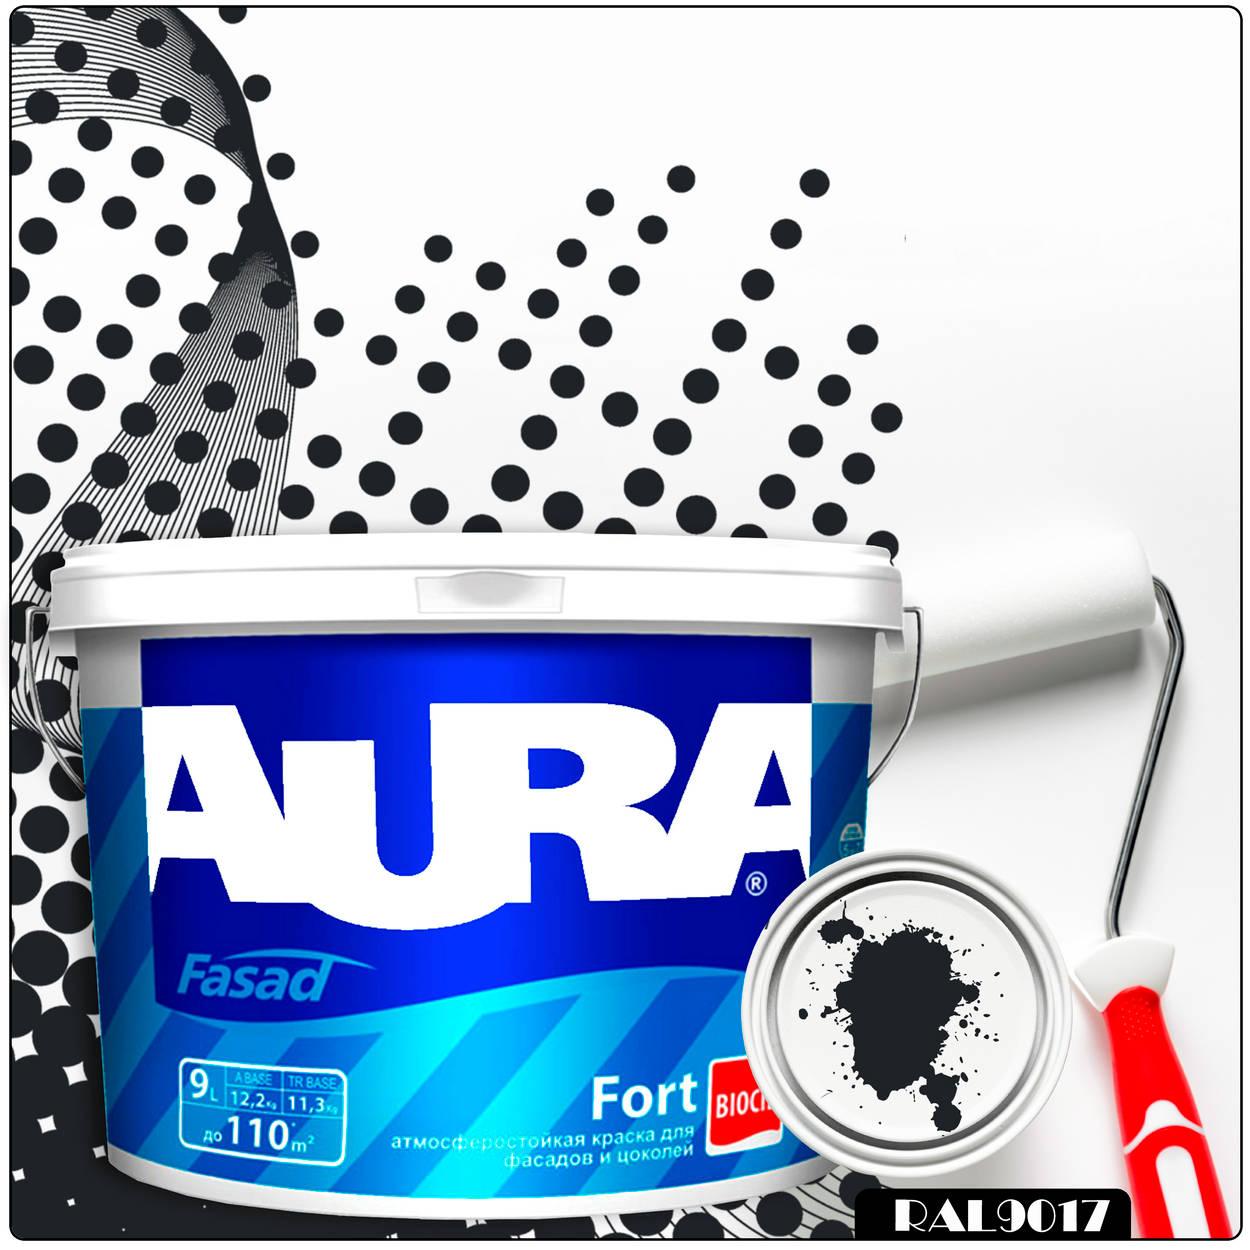 Фото 9 - Краска Aura Fasad Fort, RAL 9017 Чёрный транспортный, латексная, матовая, для фасада и цоколей, 9л, Аура.